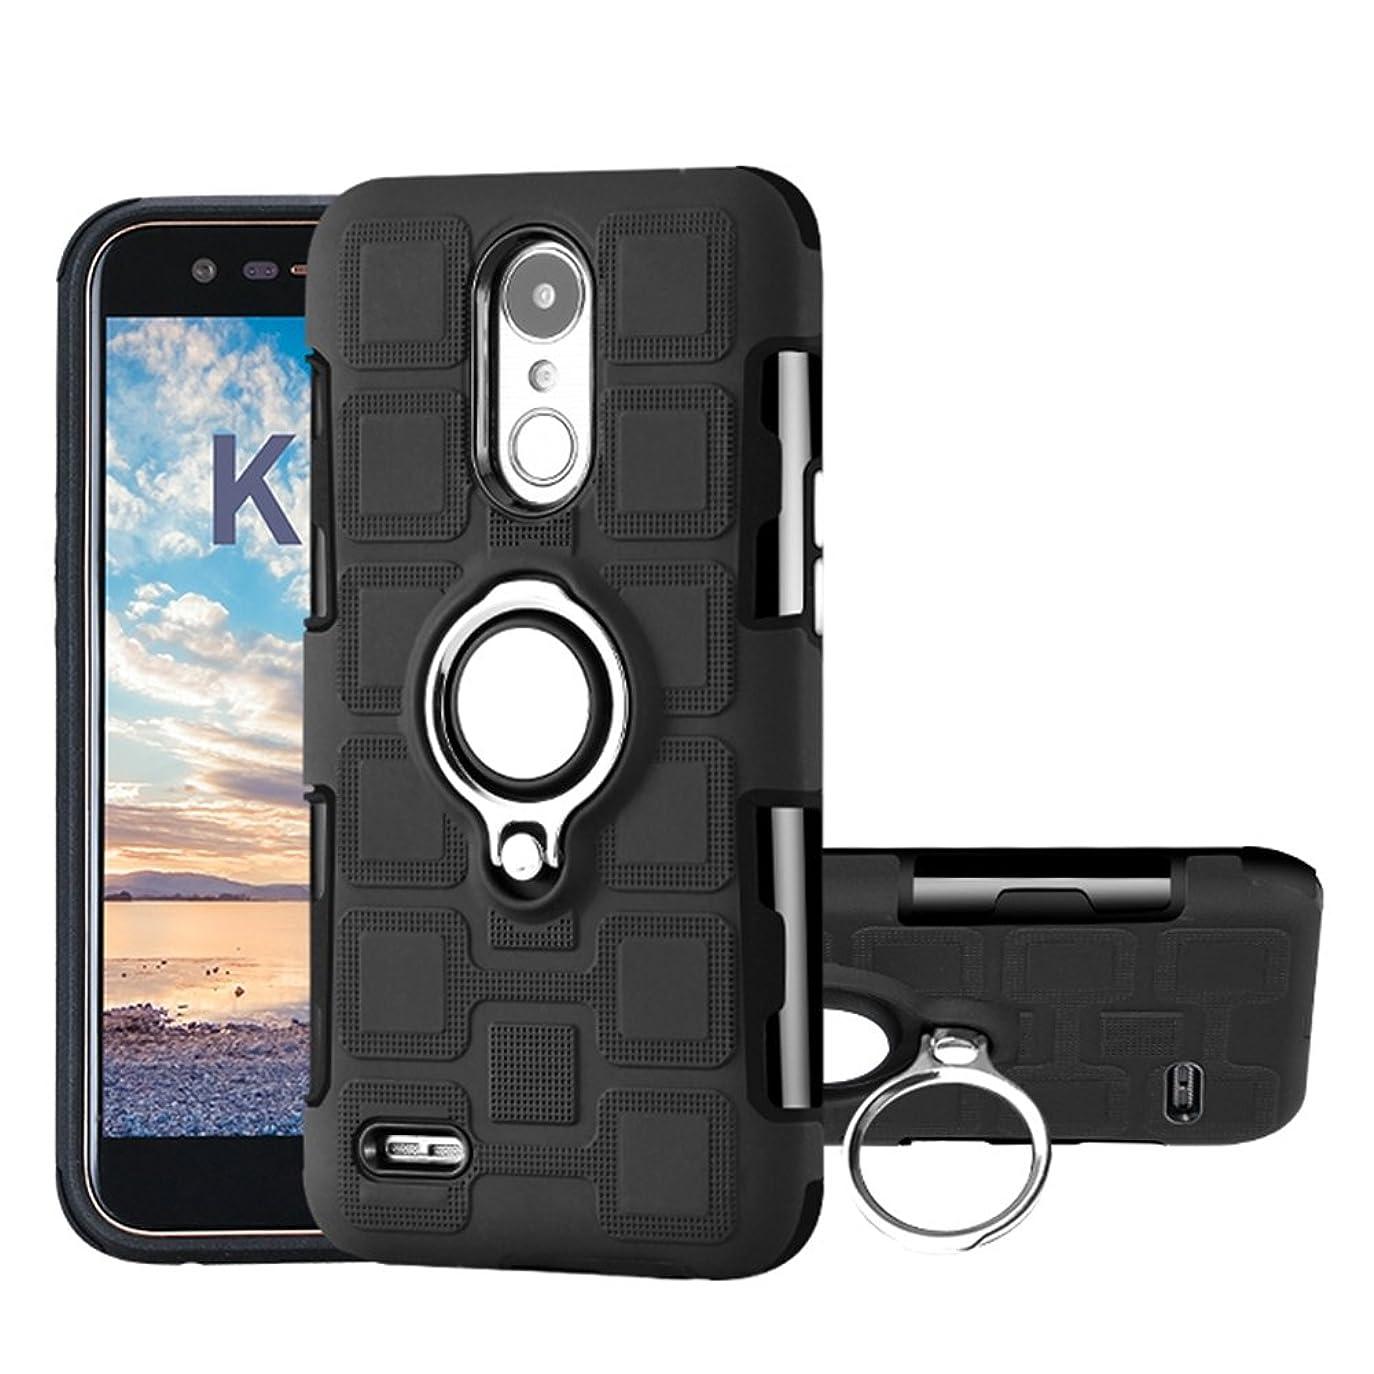 定義するあごハイジャックLG K10 2017 ケース, CHENXI 2 in 1 高品質PC + TPU 耐衝撃吸収カバー 360度 回転 リングホルダー 磁気カーマウント 車載 ホルダーデ 三重保護 多機能 ケース カバー ために LG K10 2017 (European Version) 黒